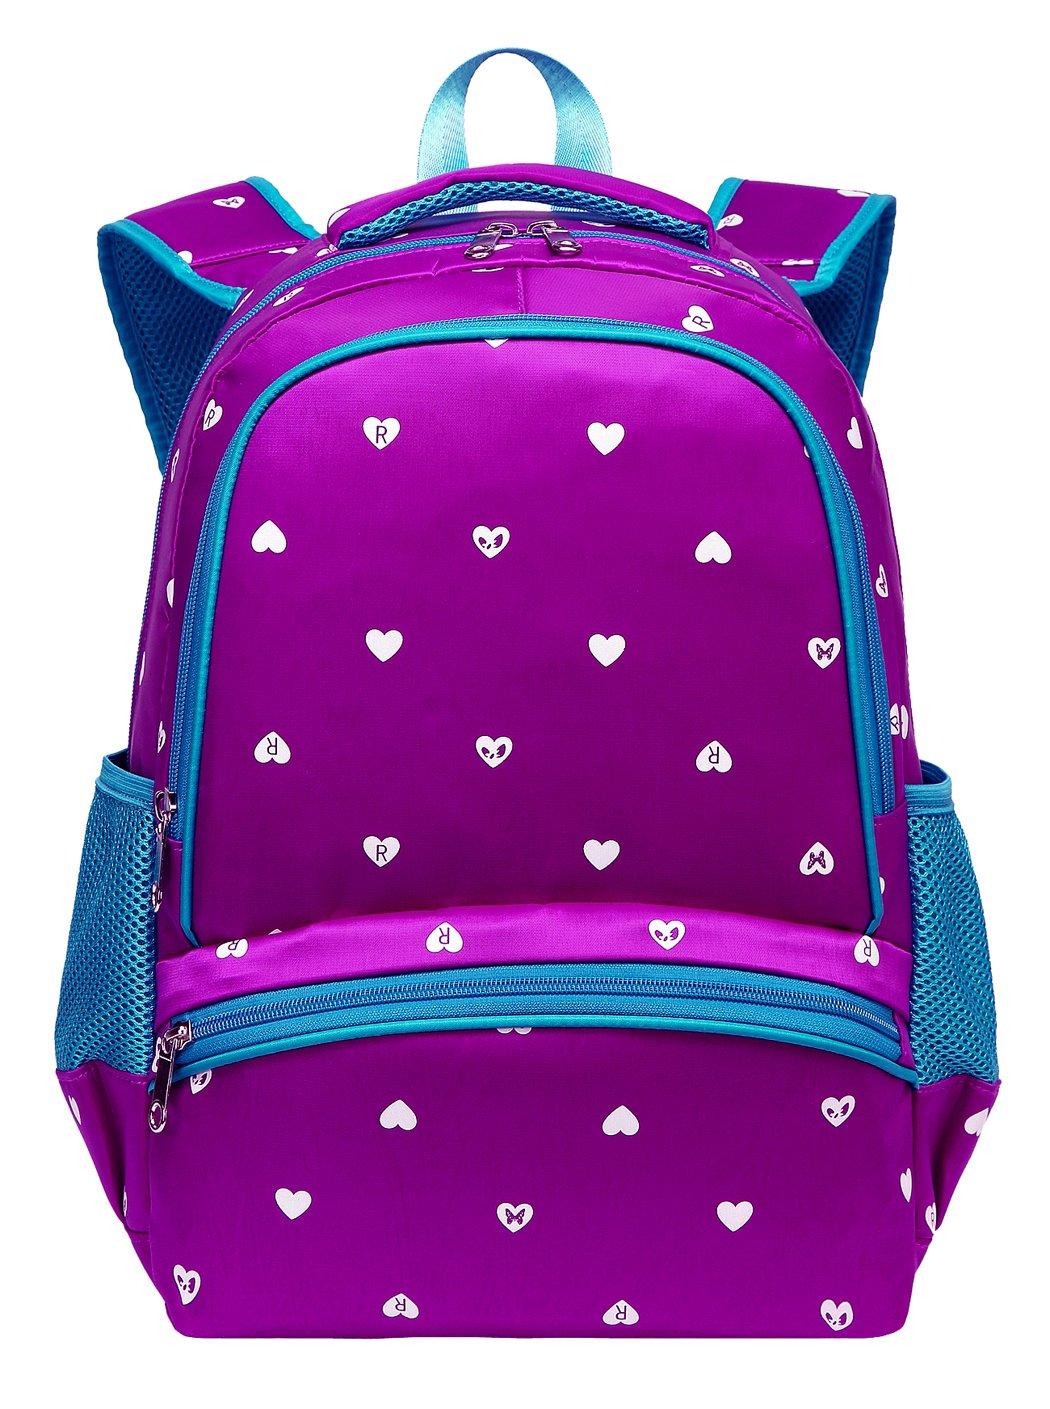 Amazon.com  BLUEFAIRY Girls Backpacks for Kindergarten Kids Girly School  Bags Durable Bookbags for Little Girls 15 Inch Nylon Heart Print (Small ... 054e8de2896a9